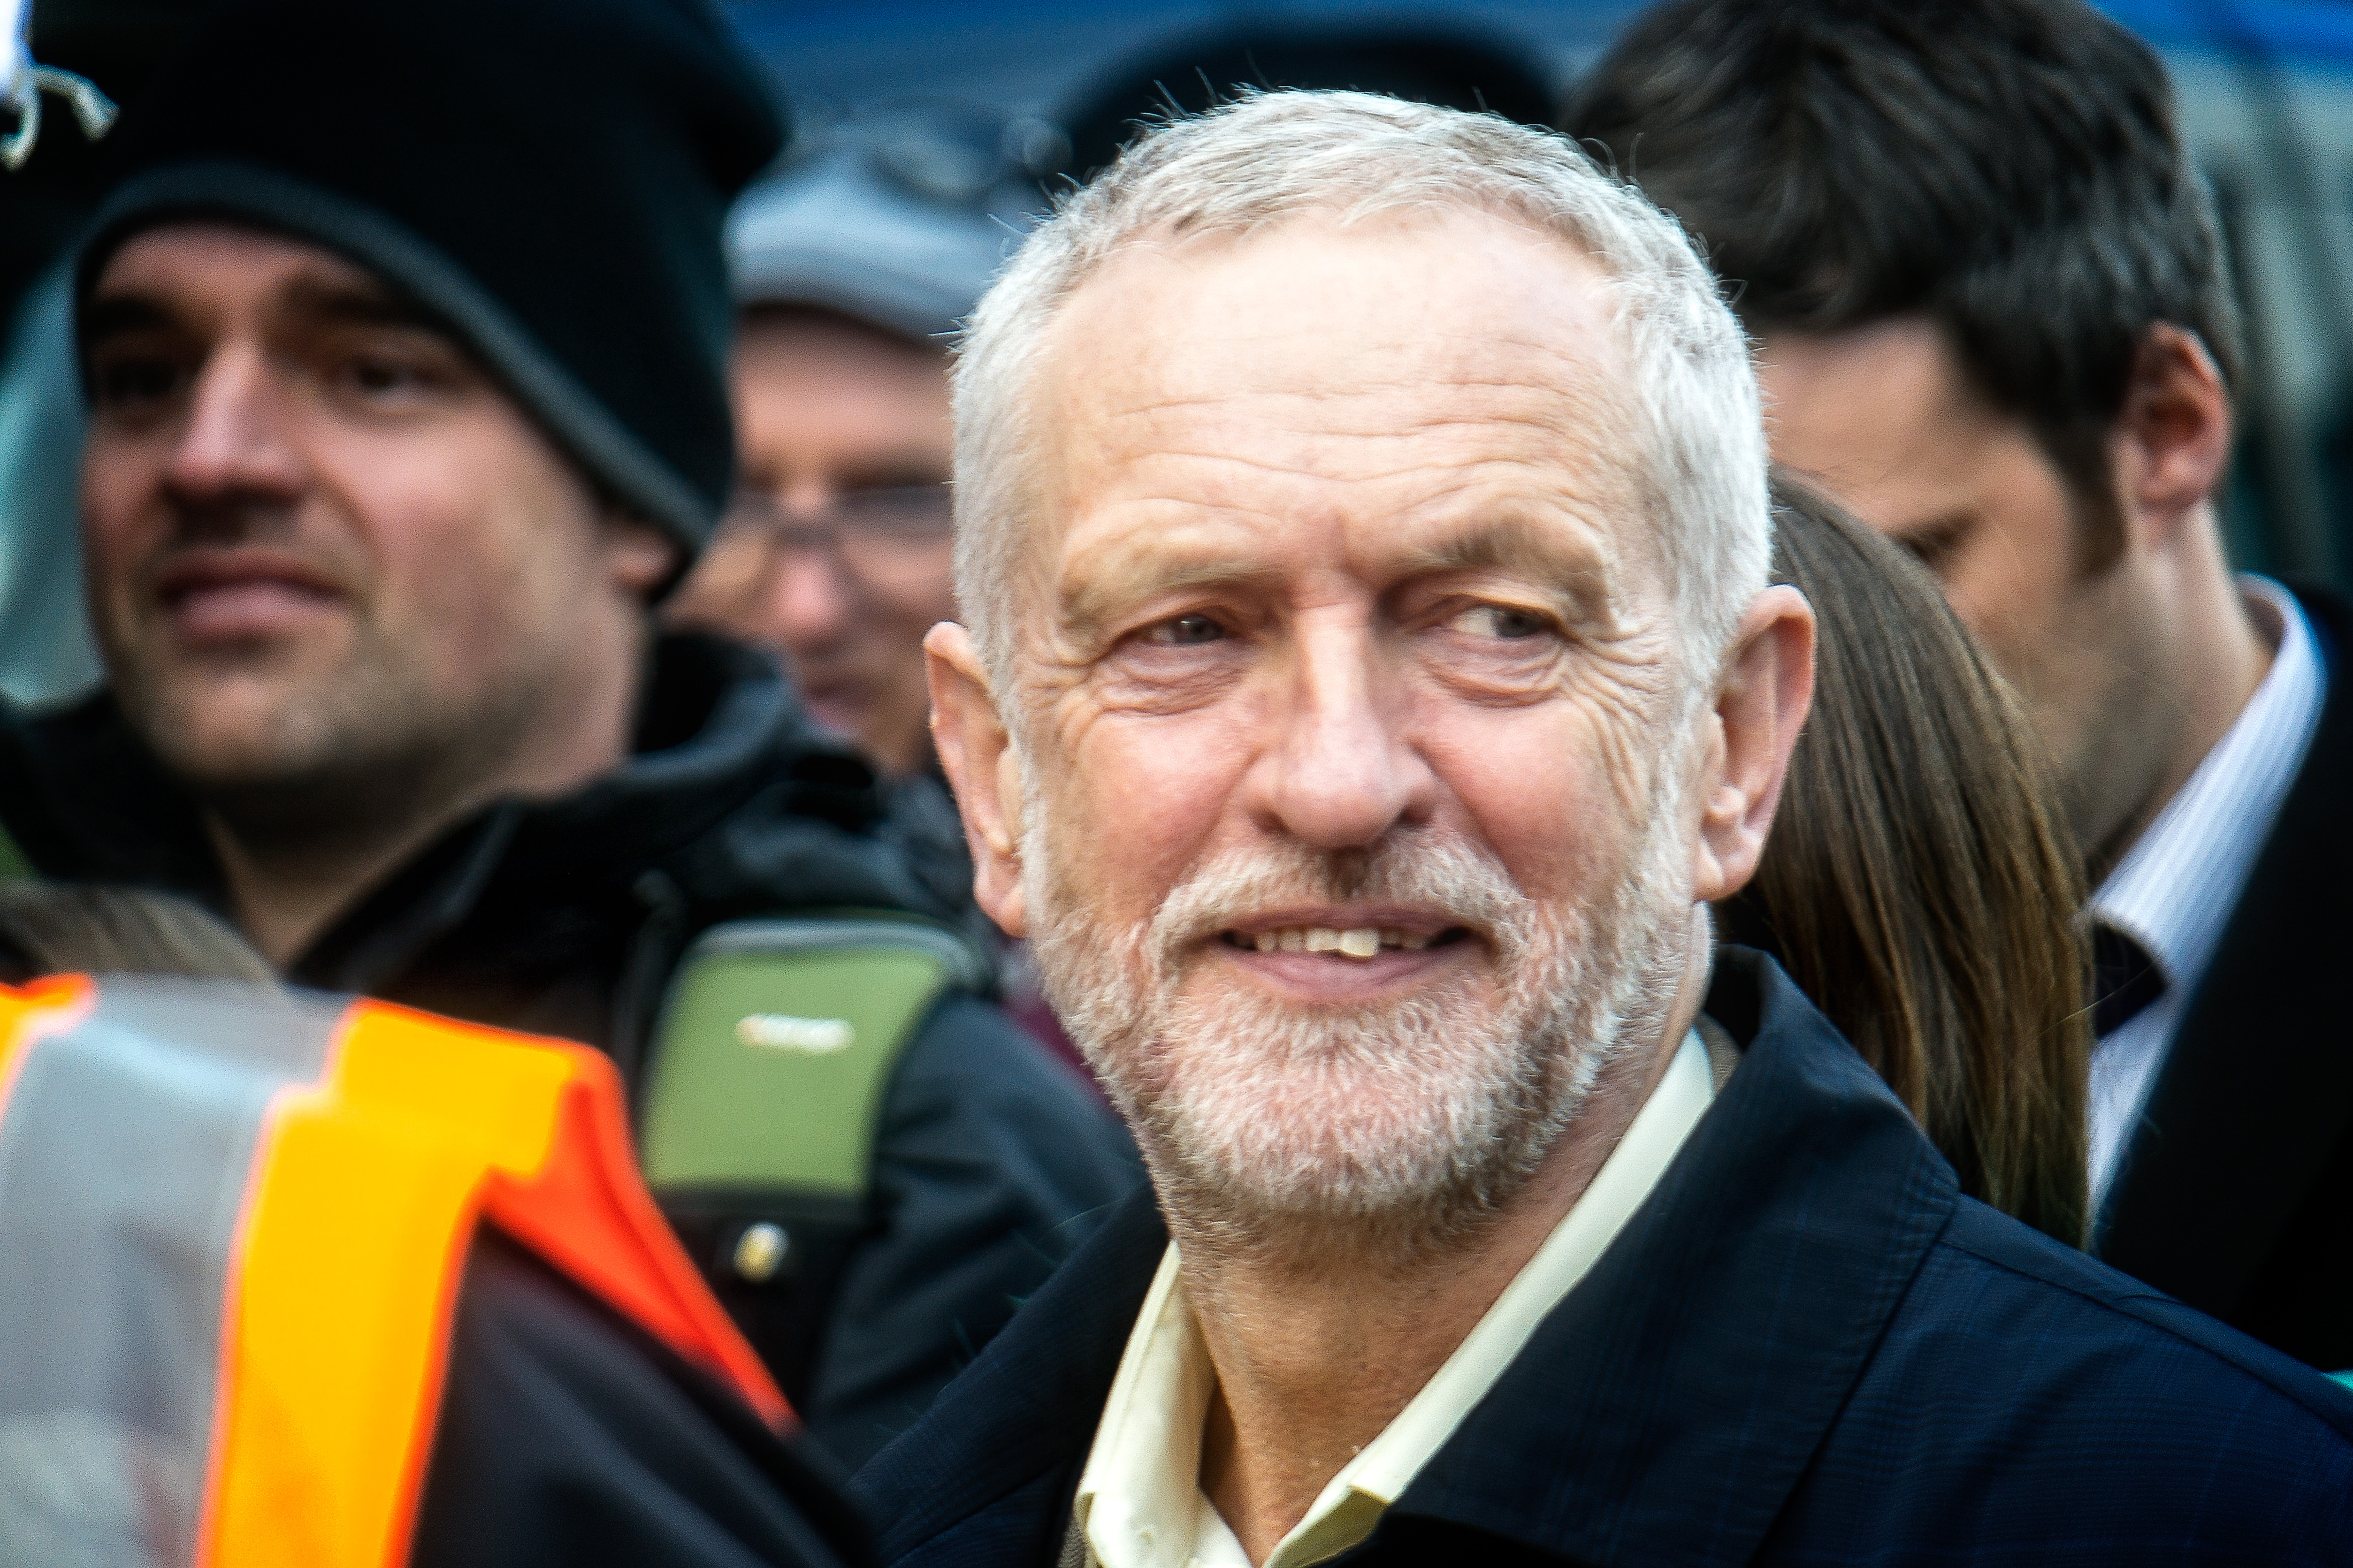 #juniordoctorsstrike jeremy corbyn photo